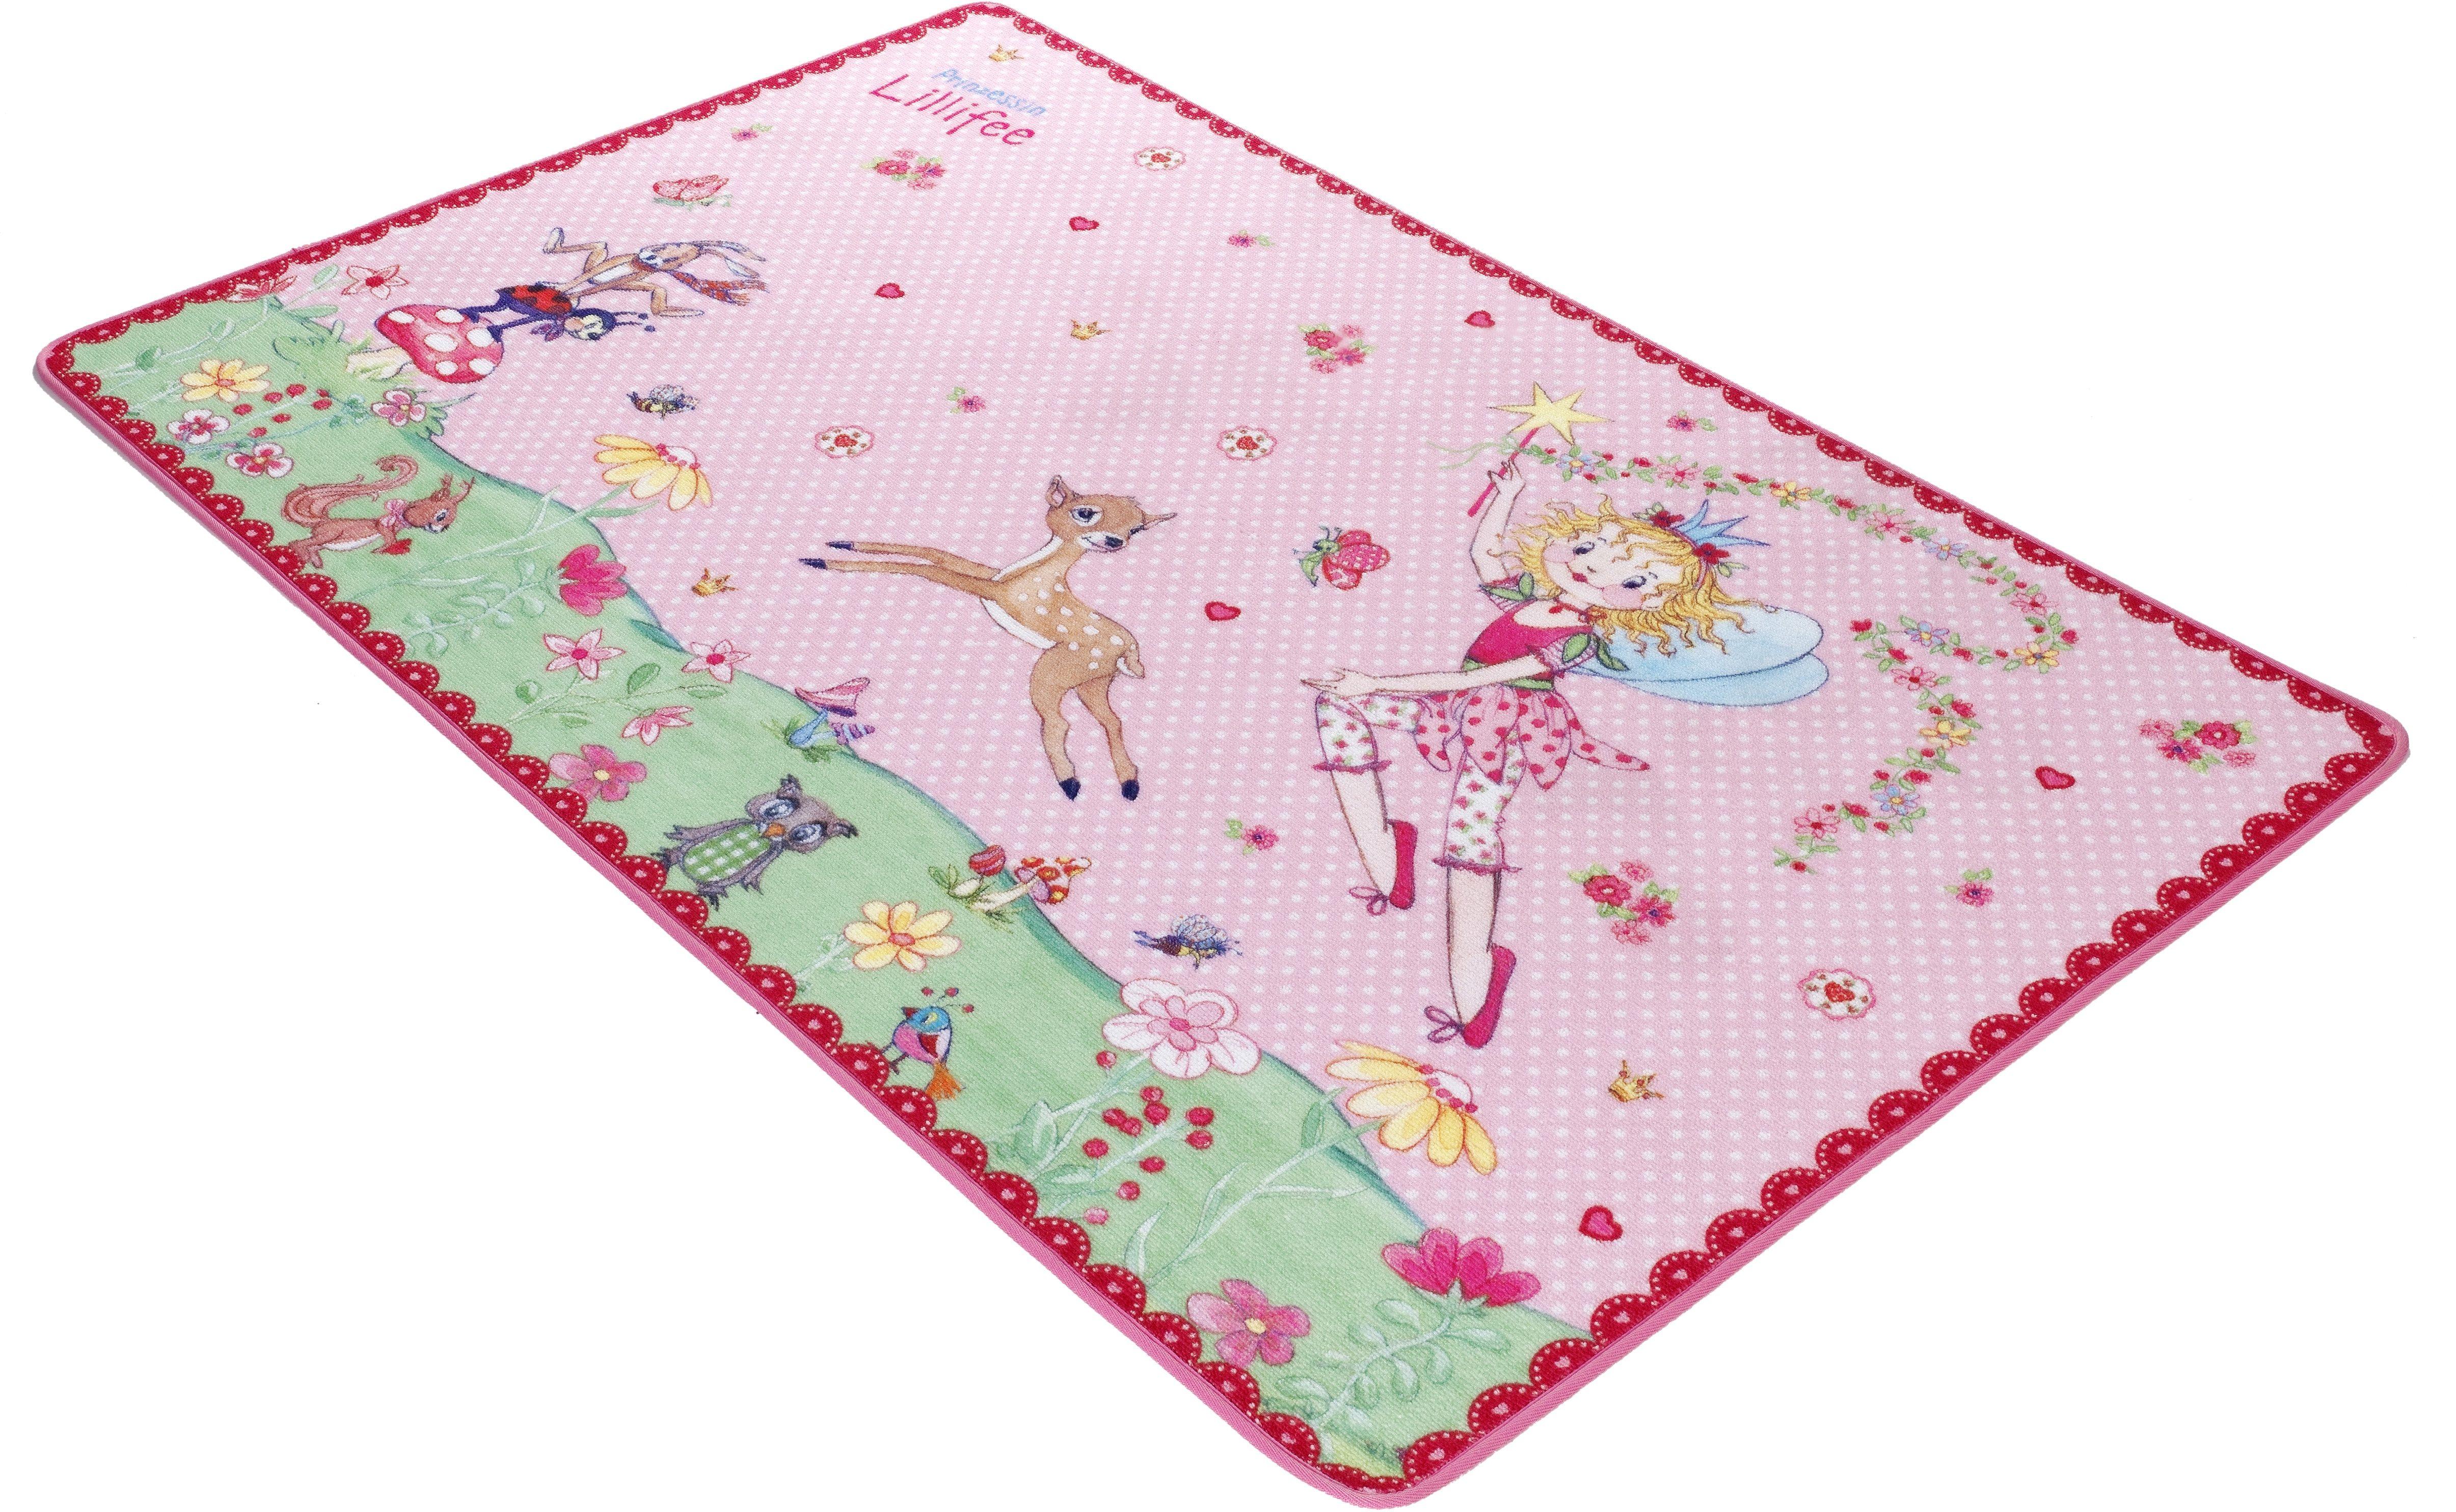 Kinderteppich LI-101 Prinzessin Lillifee rechteckig Höhe 2 mm